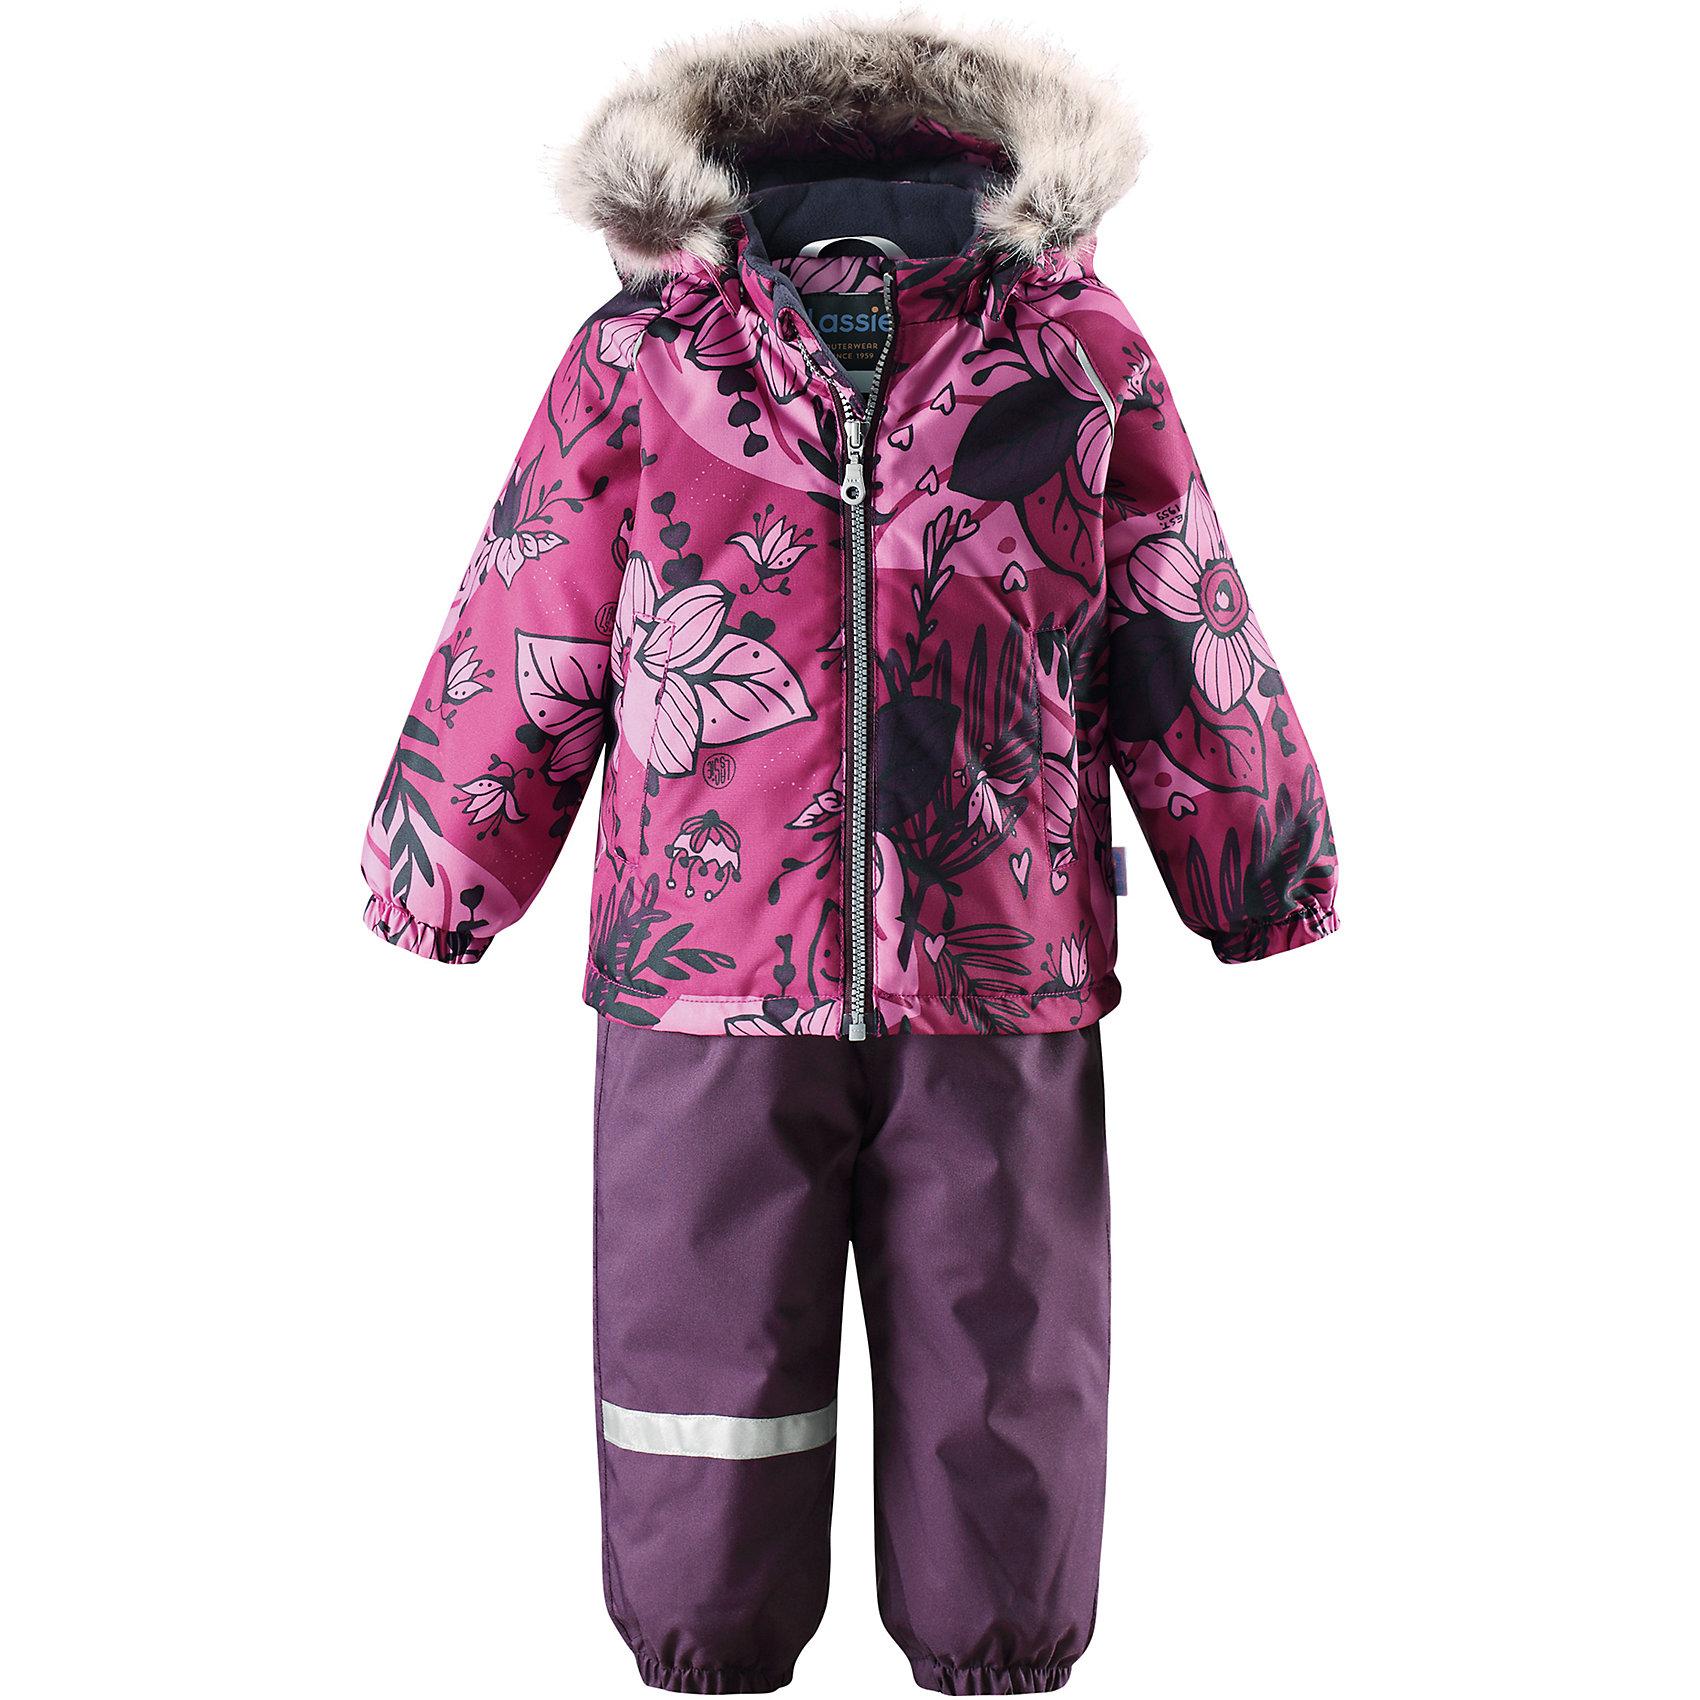 Комплект LassieВерхняя одежда<br>Характеристики товара:<br><br>• цвет: розовый/фиолетовый;<br>• состав: 100% полиэстер, полиуретановое покрытие;<br>• подкладка: 100% полиэстер;<br>• утеплитель: куртка 180 г/м2, брюки 140 г/м2;<br>• сезон: зима;<br>• температурный режим: от 0 до -20С;<br>• водонепроницаемость: 1000 мм;<br>• воздухопроницаемость: 1000 мм;<br>• износостойкость: 50000 циклов (тест Мартиндейла)<br>• застежка: молния с защитой подбородка, молния сбоку у брюк;<br>• водоотталкивающий, ветронепроницаемый и дышащий материал;<br>• сверхпрочный материал;<br>• задний серединный шов брюк проклеен;<br>• гладкая подкладка из полиэстера;<br>• безопасный съемный капюшон;<br>• съемный искусственный мех на капюшоне;<br>• эластичные манжеты;<br>• регулируемый подол;<br>• эластичные штанины;<br>• съемные эластичные штрипки;<br>• два прорезных кармана;<br>• регулируемые эластичные подтяжки;<br>• светоотражающие детали;<br>• страна бренда: Финляндия;<br>• страна изготовитель: Китай;<br><br>Этот красивый зимний комплект для малышей исполнен волшебного духа зимы, а еще он очень практичный! Комплект изготовлен из прочного, ветронепроницаемого и дышащего материала с верхним водо- и грязеотталкивающим слоем, он обеспечивает полный комфорт во время веселых прогулок. Безопасный съемный капюшон украшает стильная оторочка из искусственного меха, а регулируемый подол позволяет откорректировать куртку идеально по фигуре. Обратите внимание на удобные съемные штрипки, за счет которых брюки не будут задираться, и съемные регулируемые подтяжки – брюки не будут спадать, как ни бегай!<br><br>Комплект Lassie (Ласси) можно купить в нашем интернет-магазине.<br><br>Ширина мм: 356<br>Глубина мм: 10<br>Высота мм: 245<br>Вес г: 519<br>Цвет: розовый<br>Возраст от месяцев: 24<br>Возраст до месяцев: 36<br>Пол: Унисекс<br>Возраст: Детский<br>Размер: 98,80,86,74,92<br>SKU: 6905422